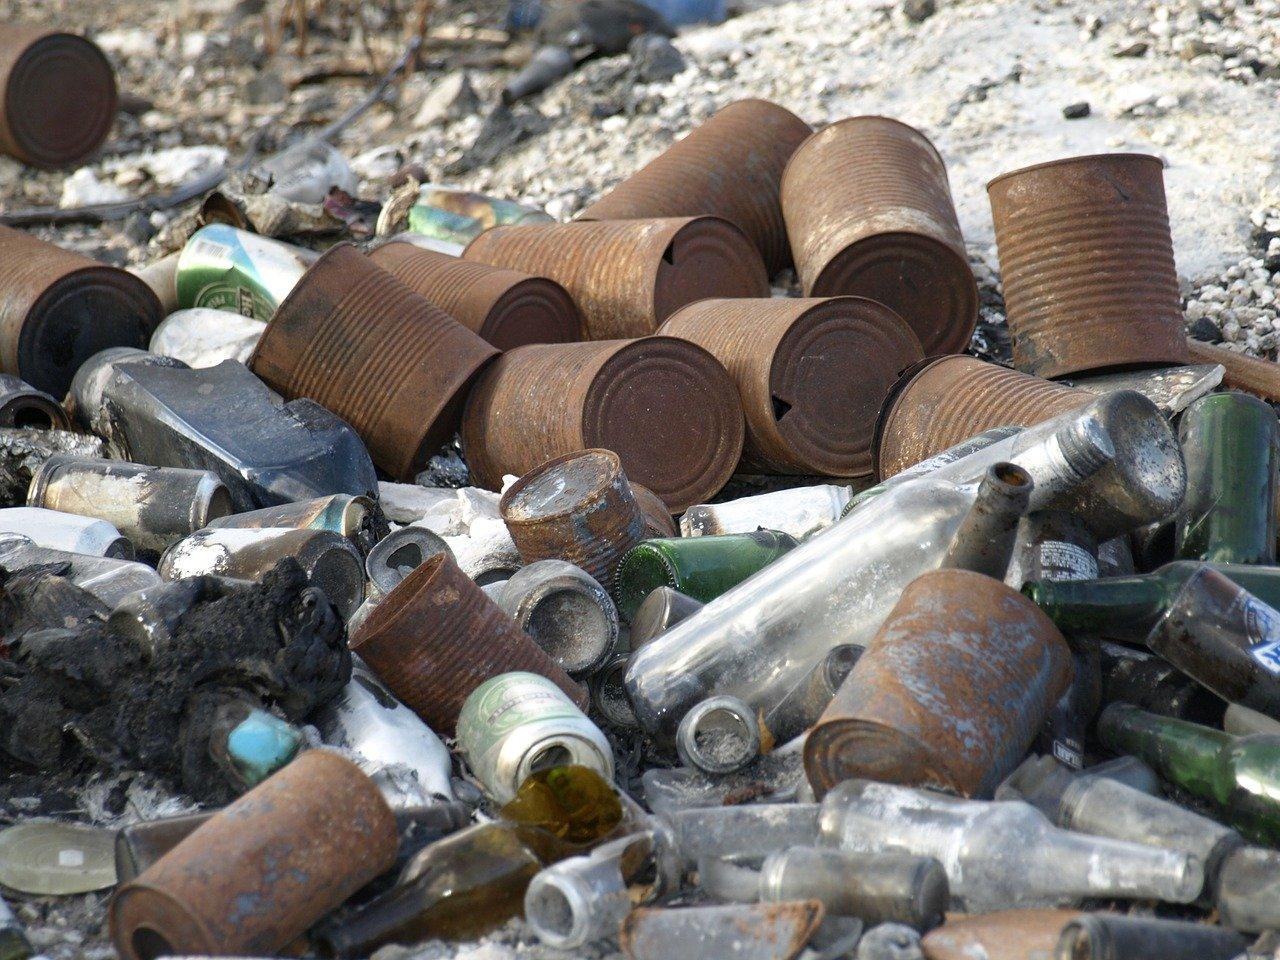 Przeciętny Polak wytwarza rocznie 2,5 kg groźnych odpadów medycznych